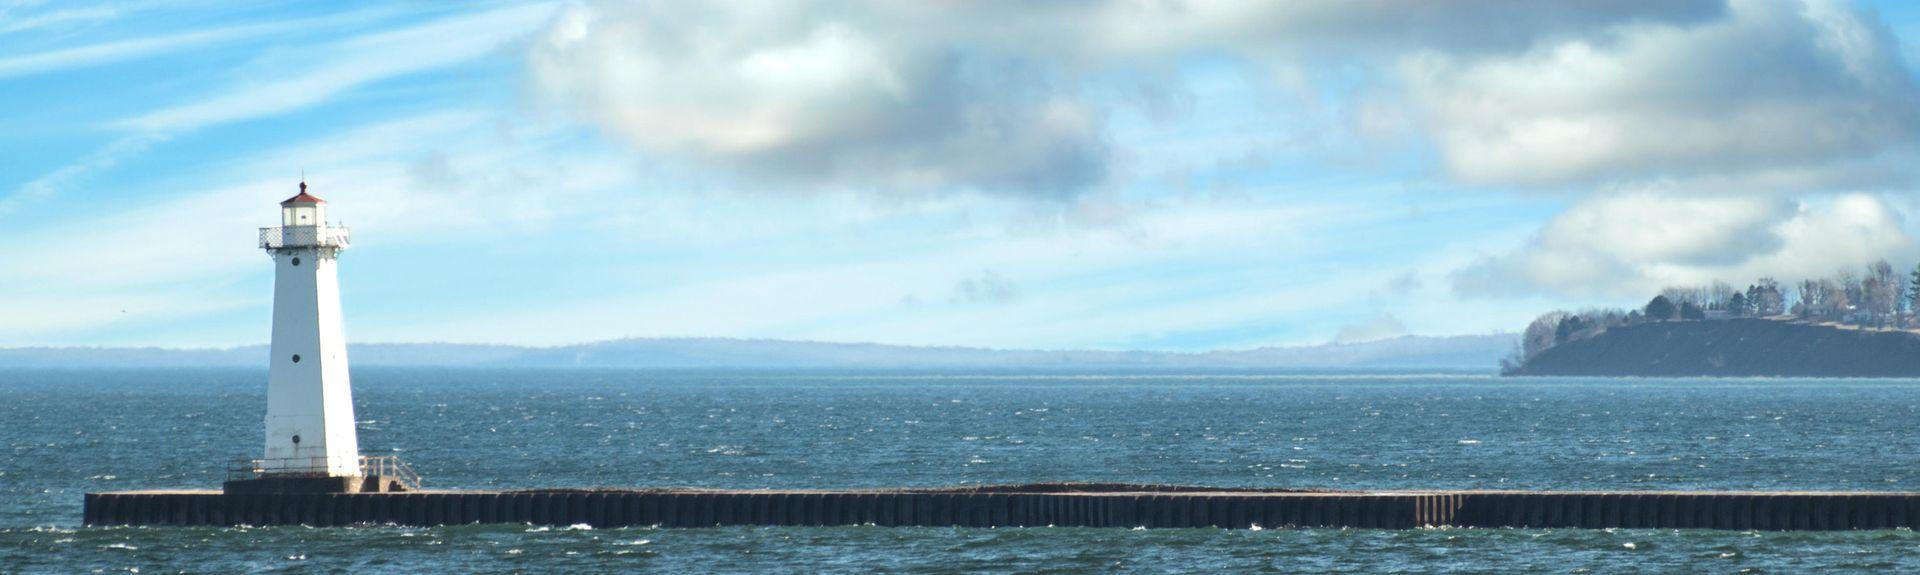 Sodus Bay, New York, United States of America